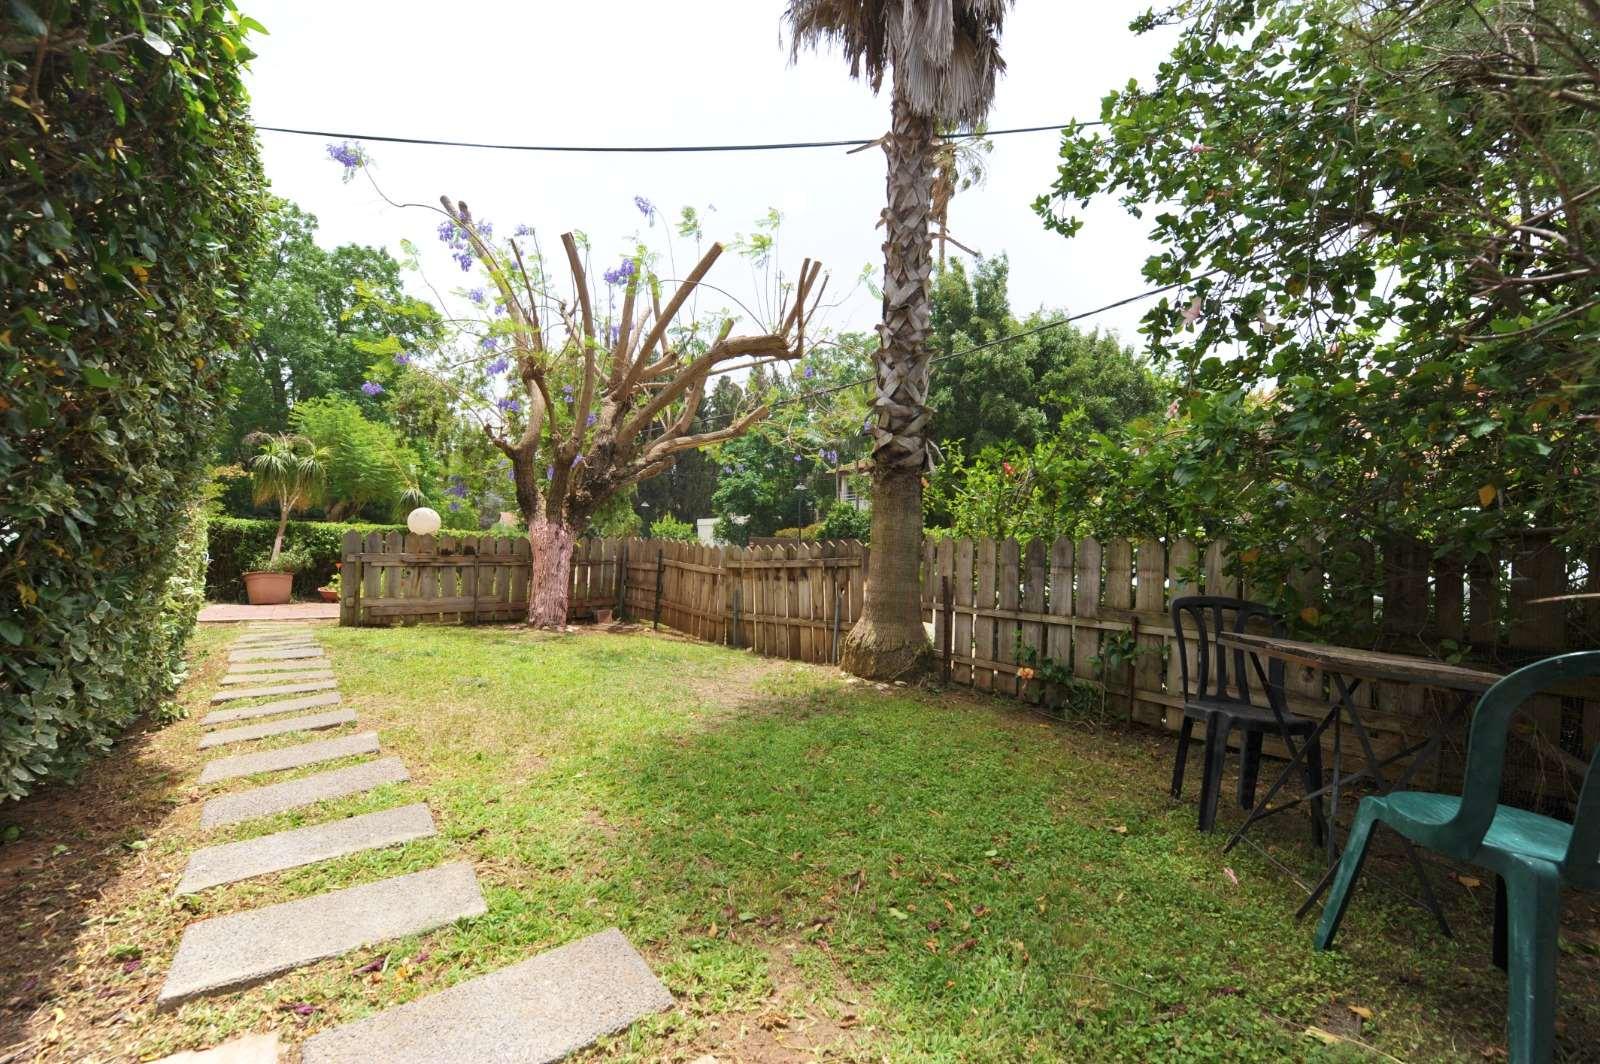 דירת גן להשכרה 3 חדרים בסביון החצב גני יהודה